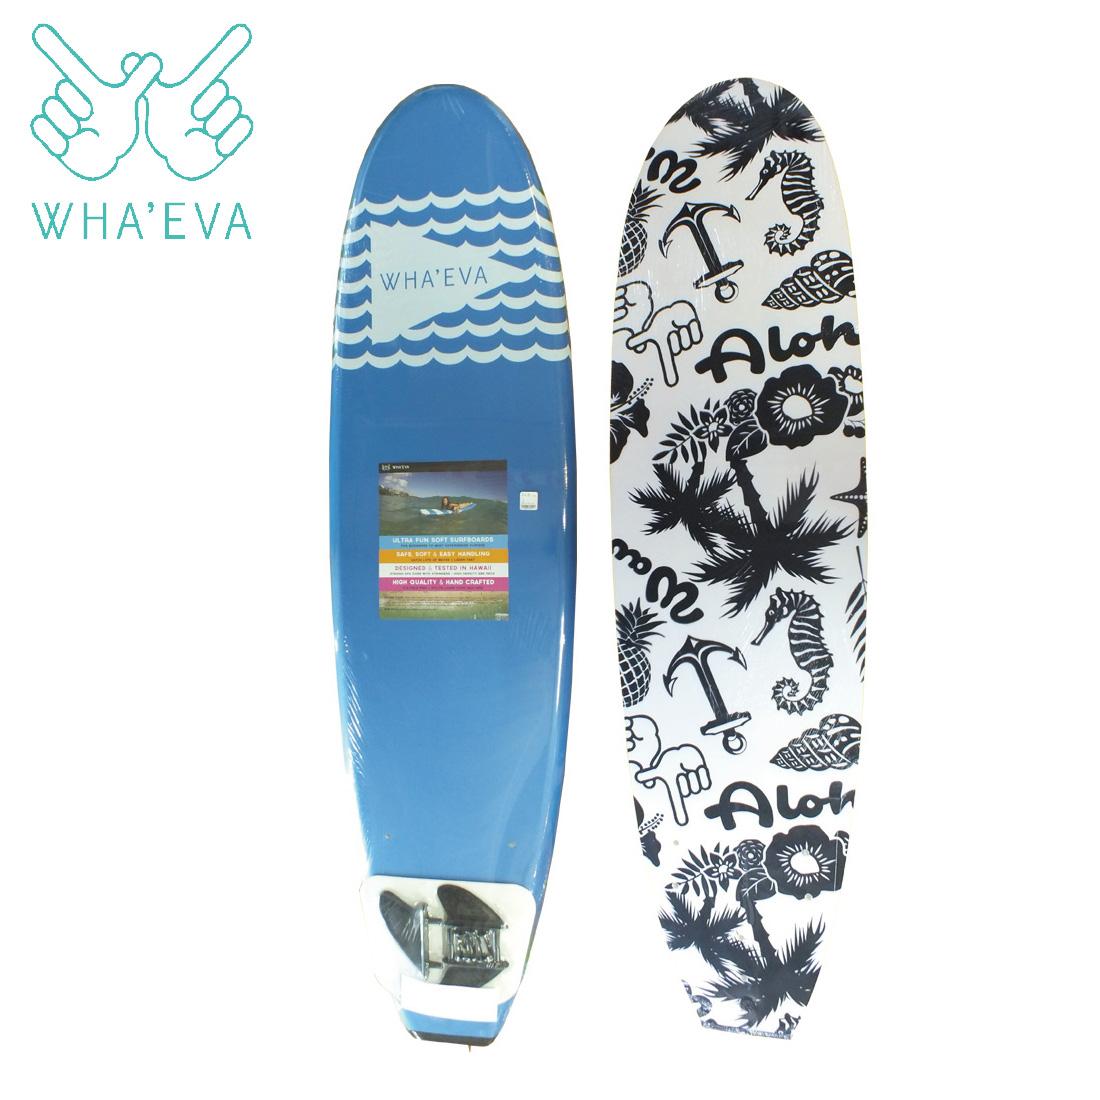 SURF WHA'EVA FLAG 7'0 Blue ソフトサーフボード EVA素材 軽量 ソフト素材 WHA EVA ワー イーブイエー